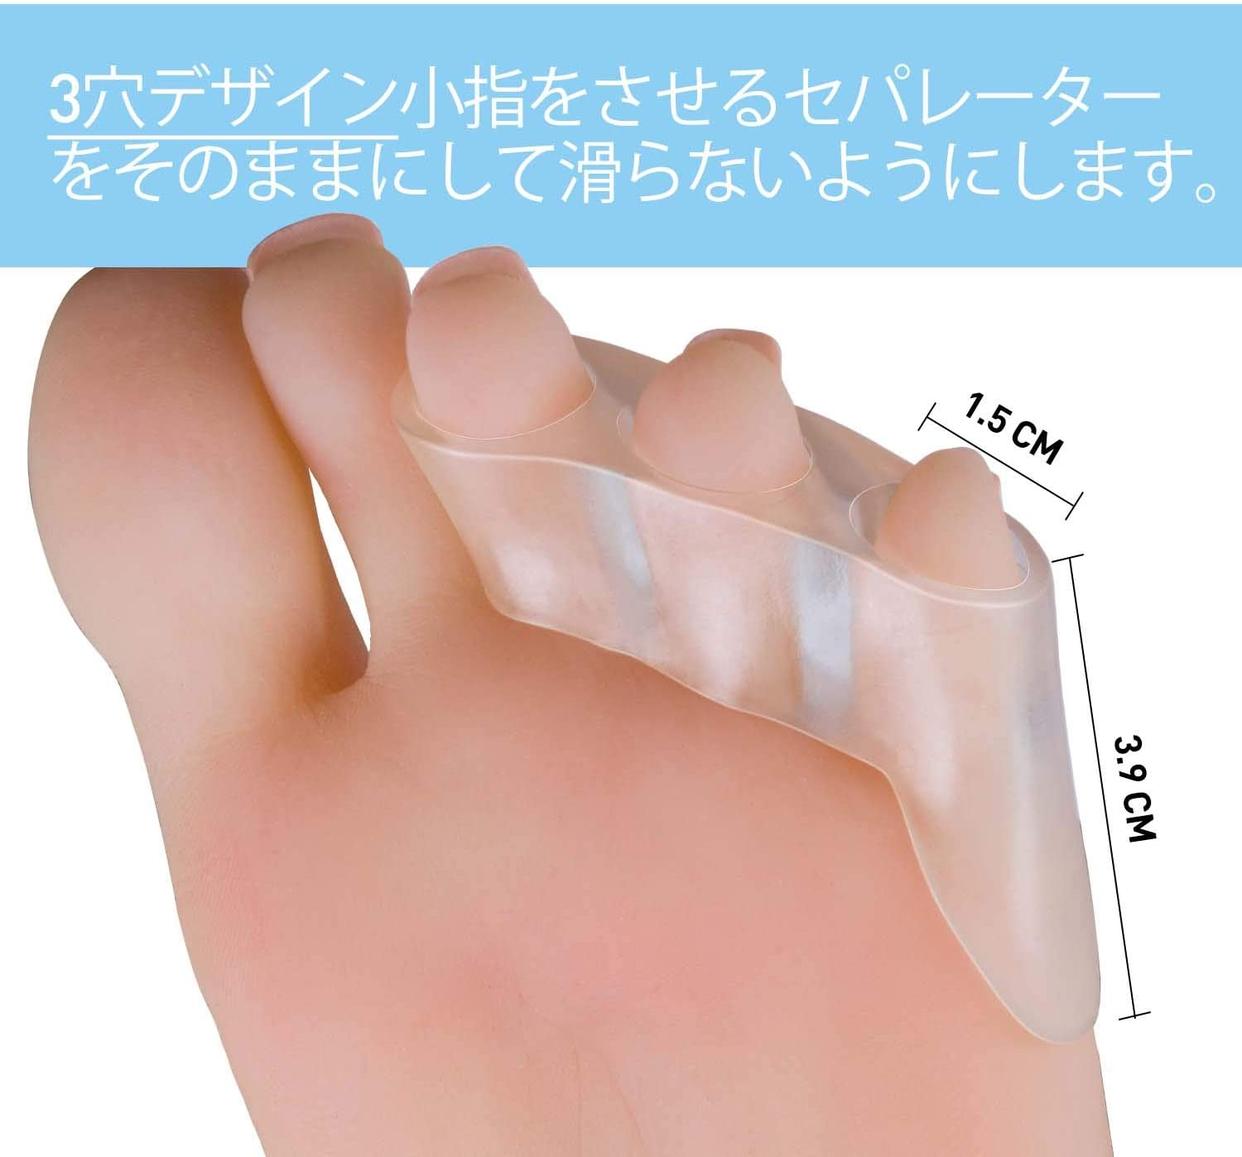 Sumifun 内反小趾 サポーター Bの商品画像6